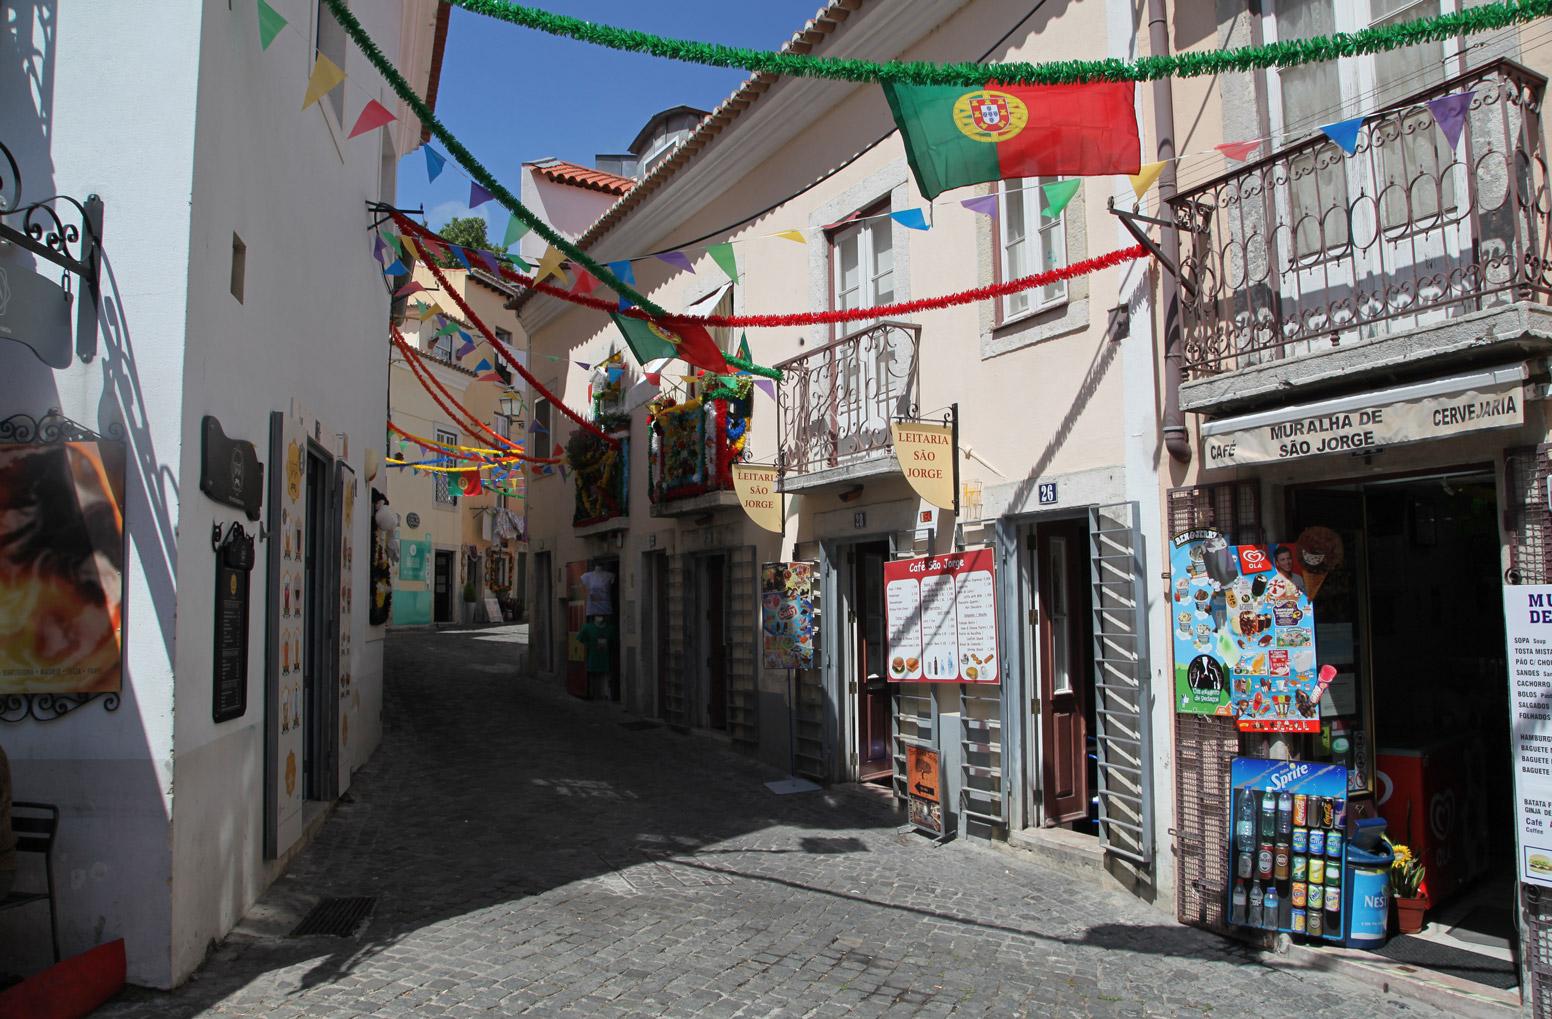 De straten van Lissabon tijdens het WK 2014